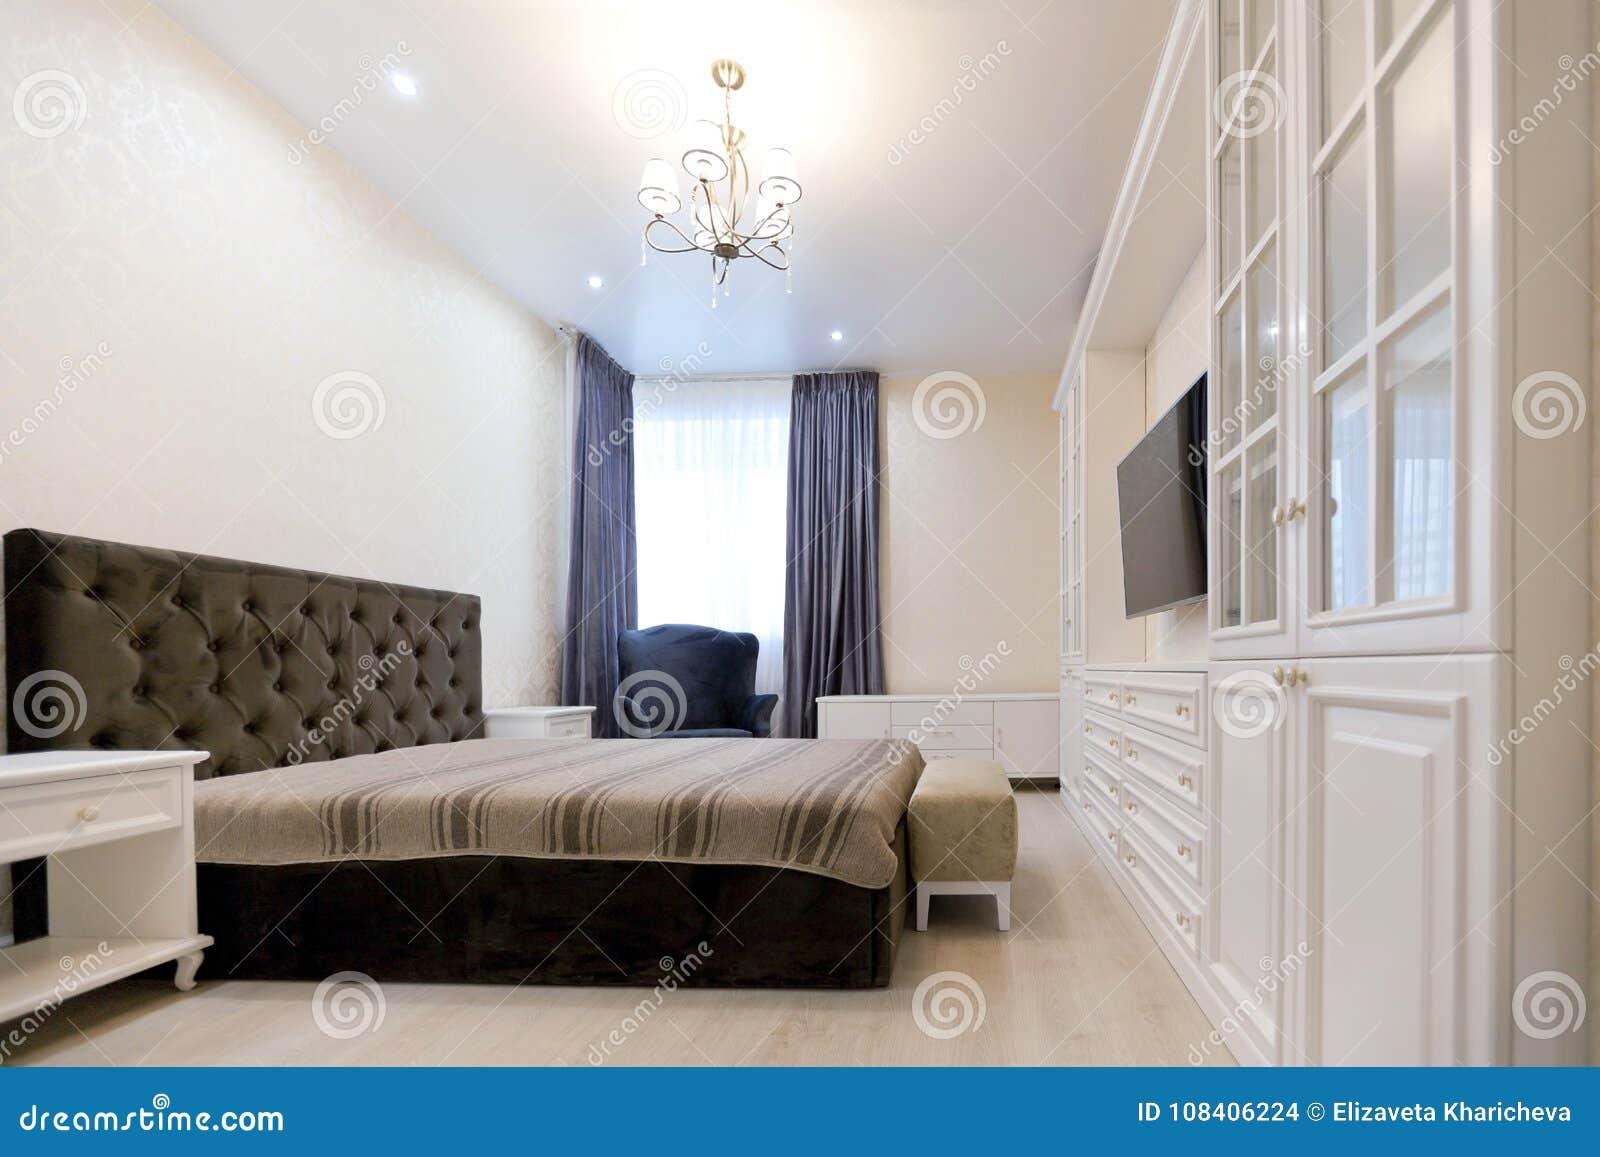 Slaapkamer in lichte kleuren met donker bed en blauwe gordijnen